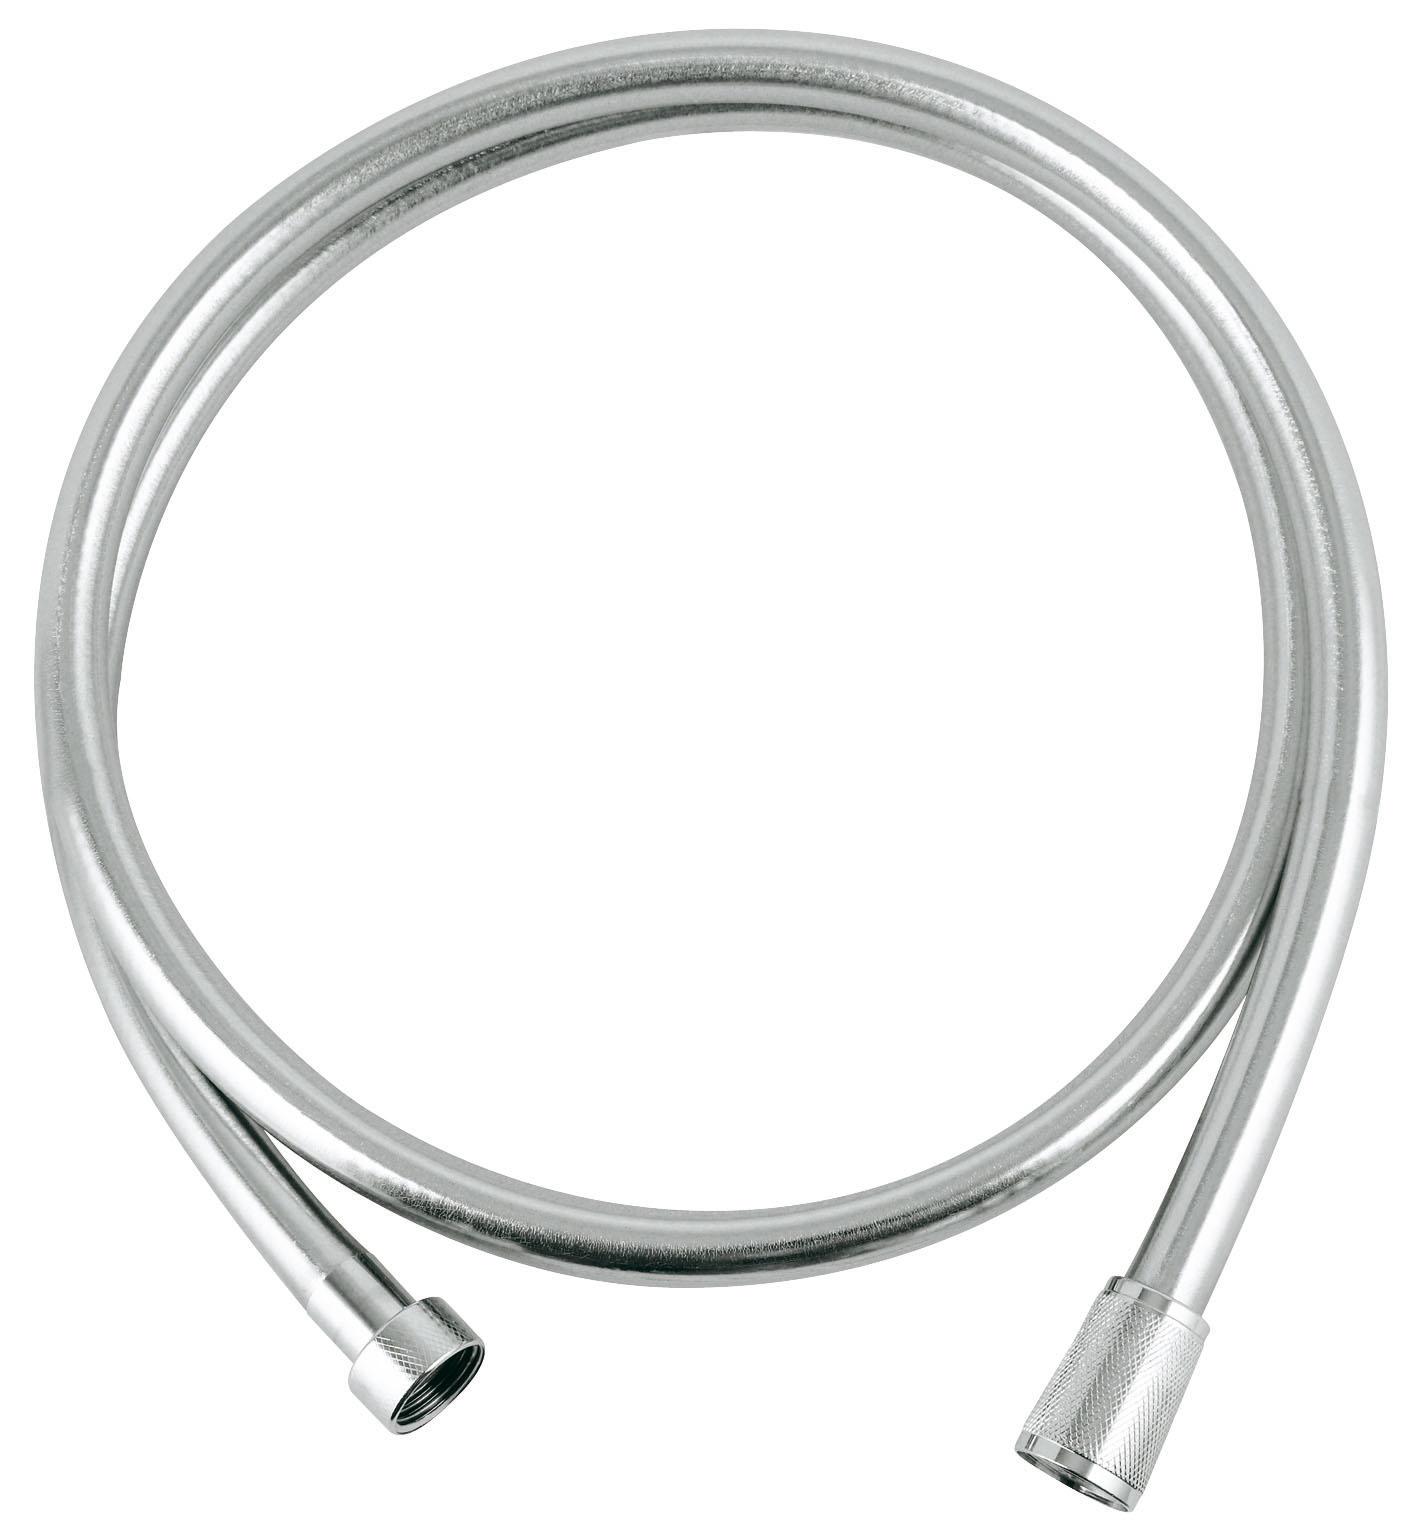 Душевой шланг Grohe Silverflex, длина 1,5 м. 2836400028364000Душевой шланг из пластика с гладкой поверхностью повышенной гибкости, легко чистится, с защитой от залома, на обоих краях вращающийся конус (Anti-Twist). Длина: 1500 мм. Присоединительный размер: 1/2 x 1/2. Хромированная поверхность GROHE StarLight. Видео по установке является исключительно информационным. Установка должна проводиться профессионалами!